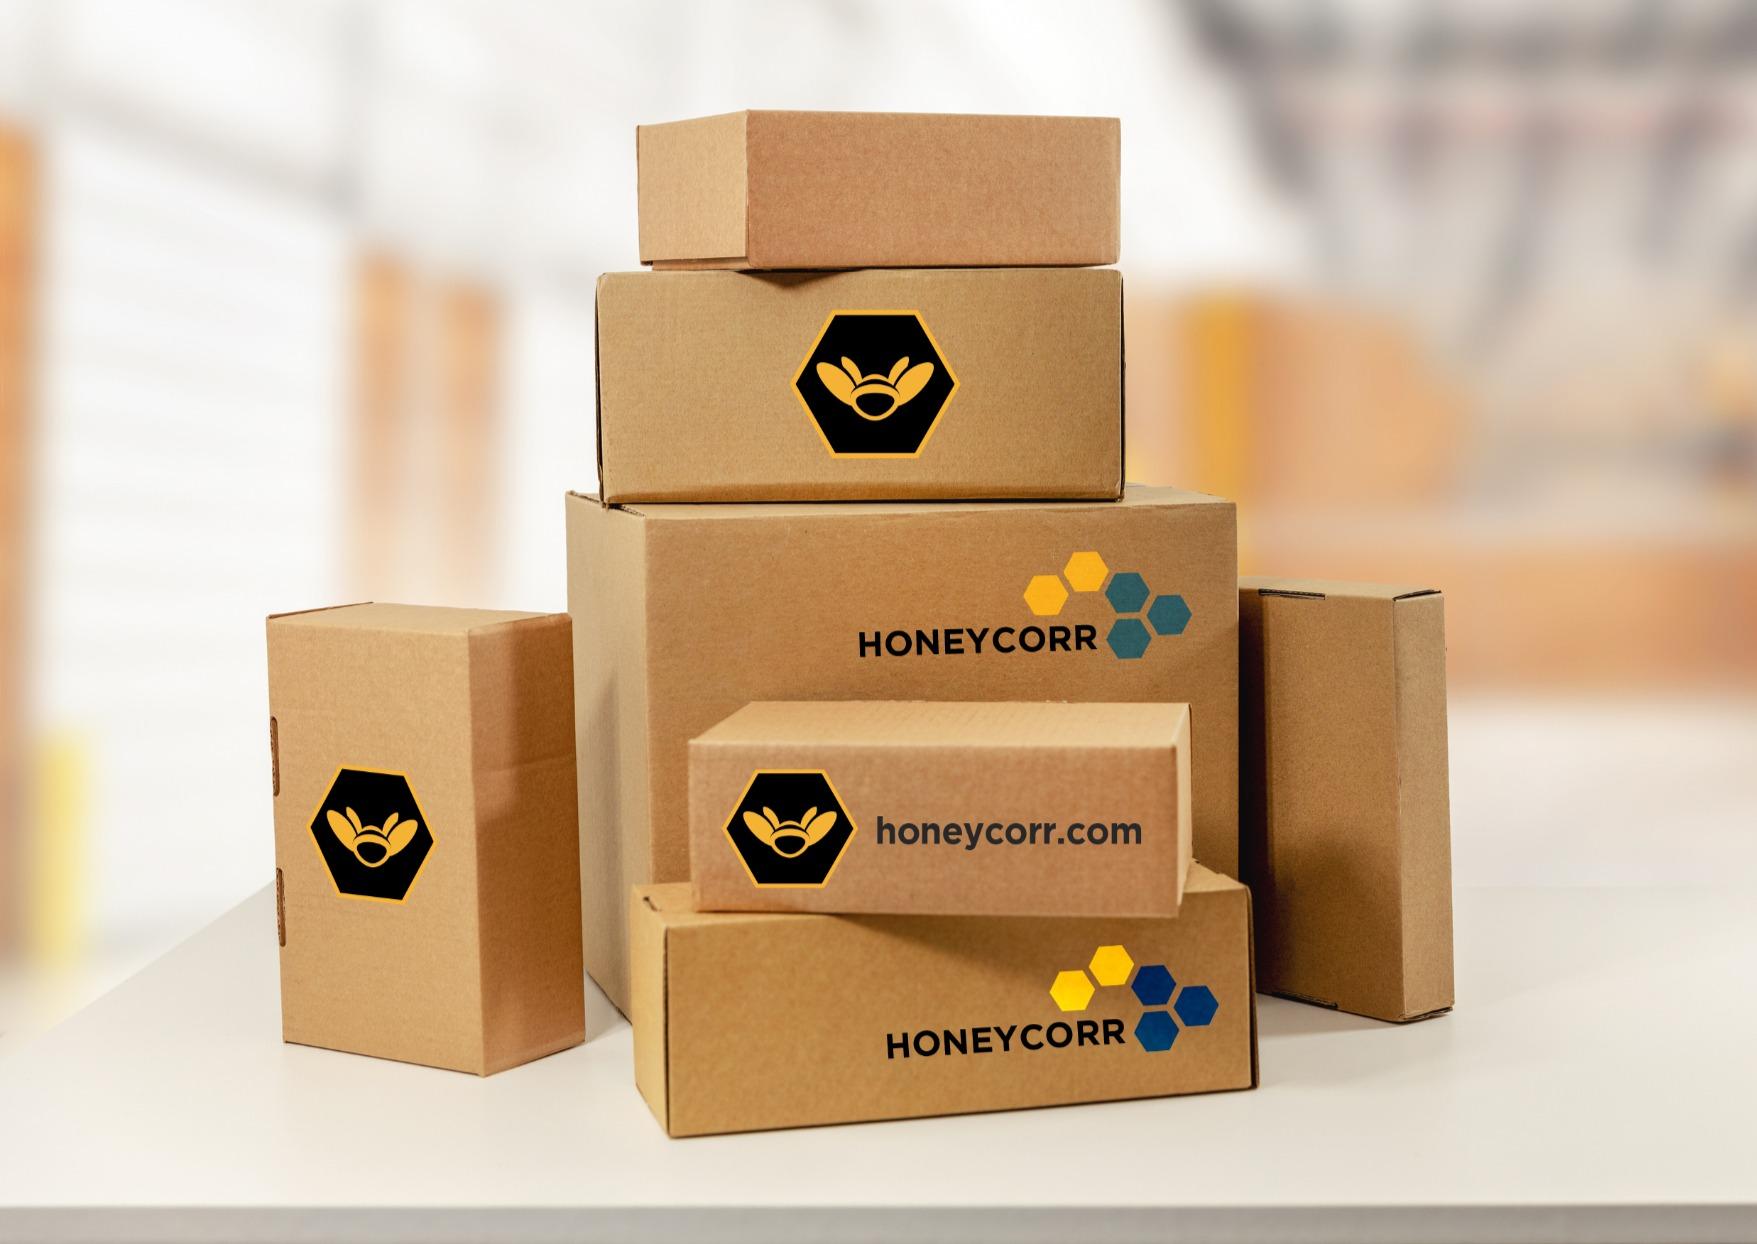 boxes-honeycorr-logo_edited